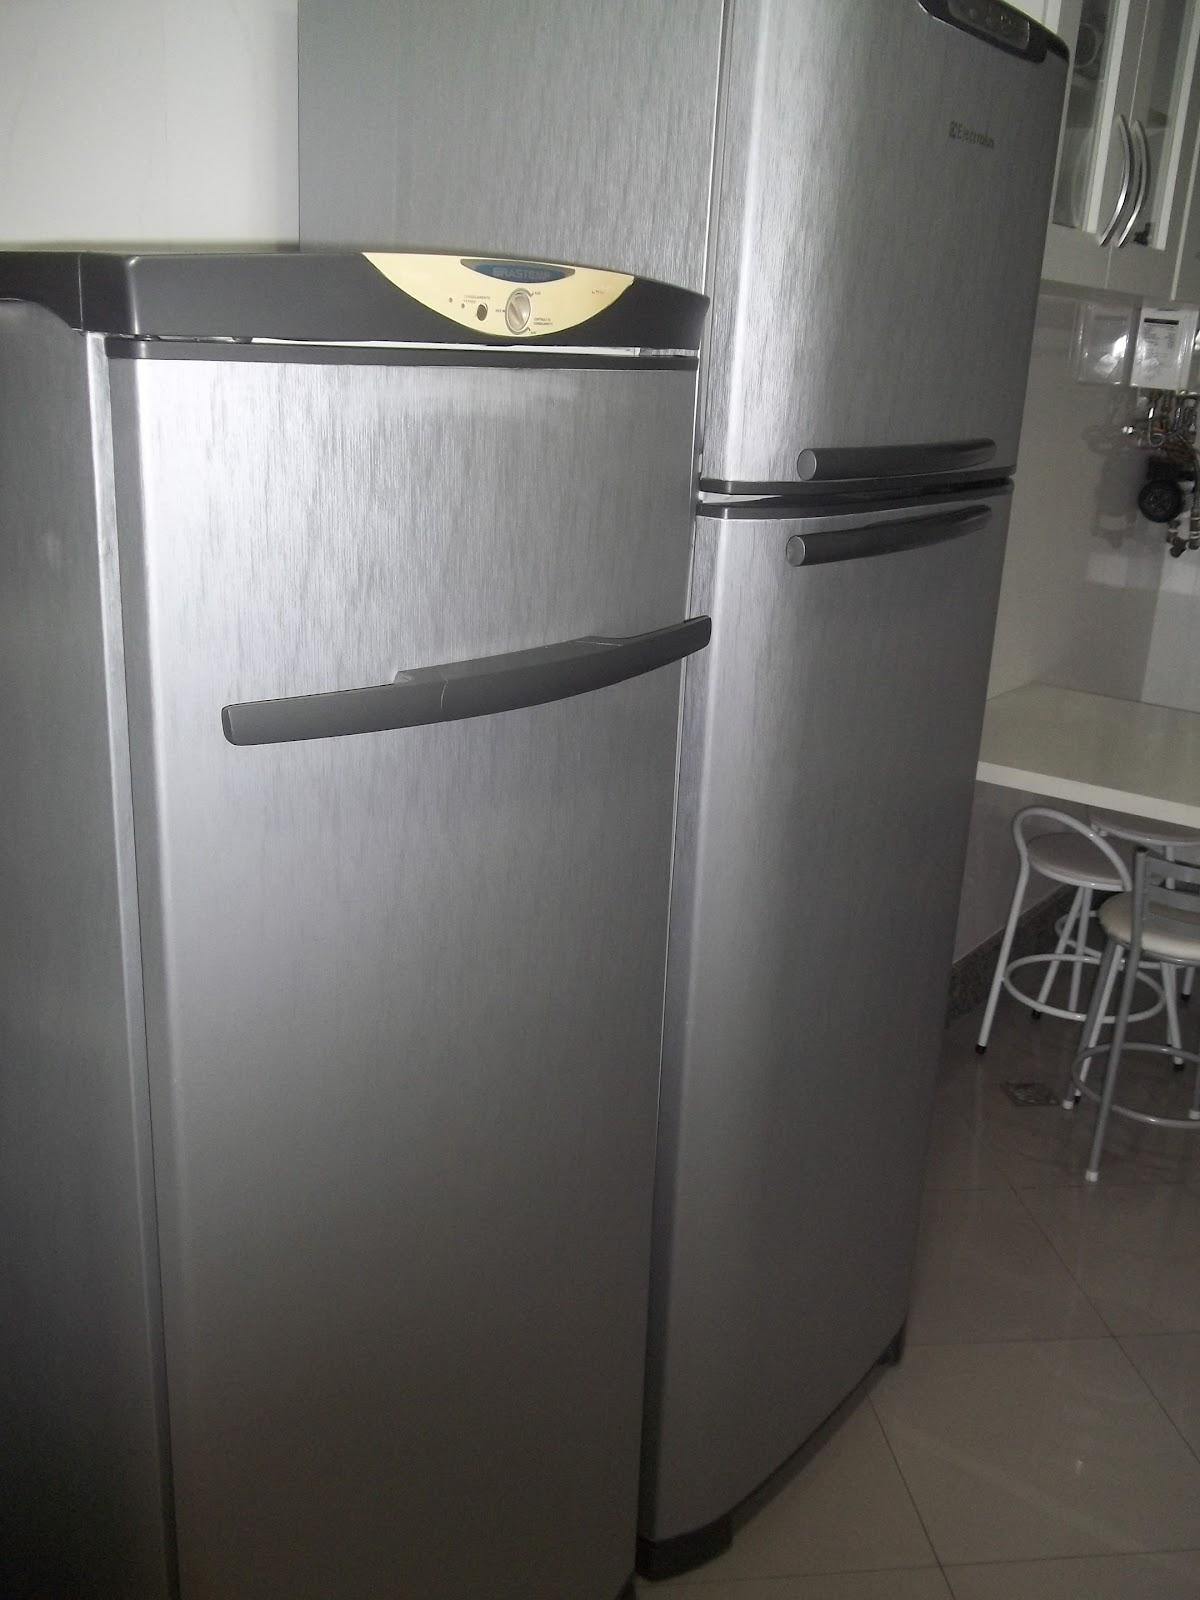 Aparador Ikea Blanco ~ Envelopatudo com br Envelopamento de geladeira,máquina de lavar